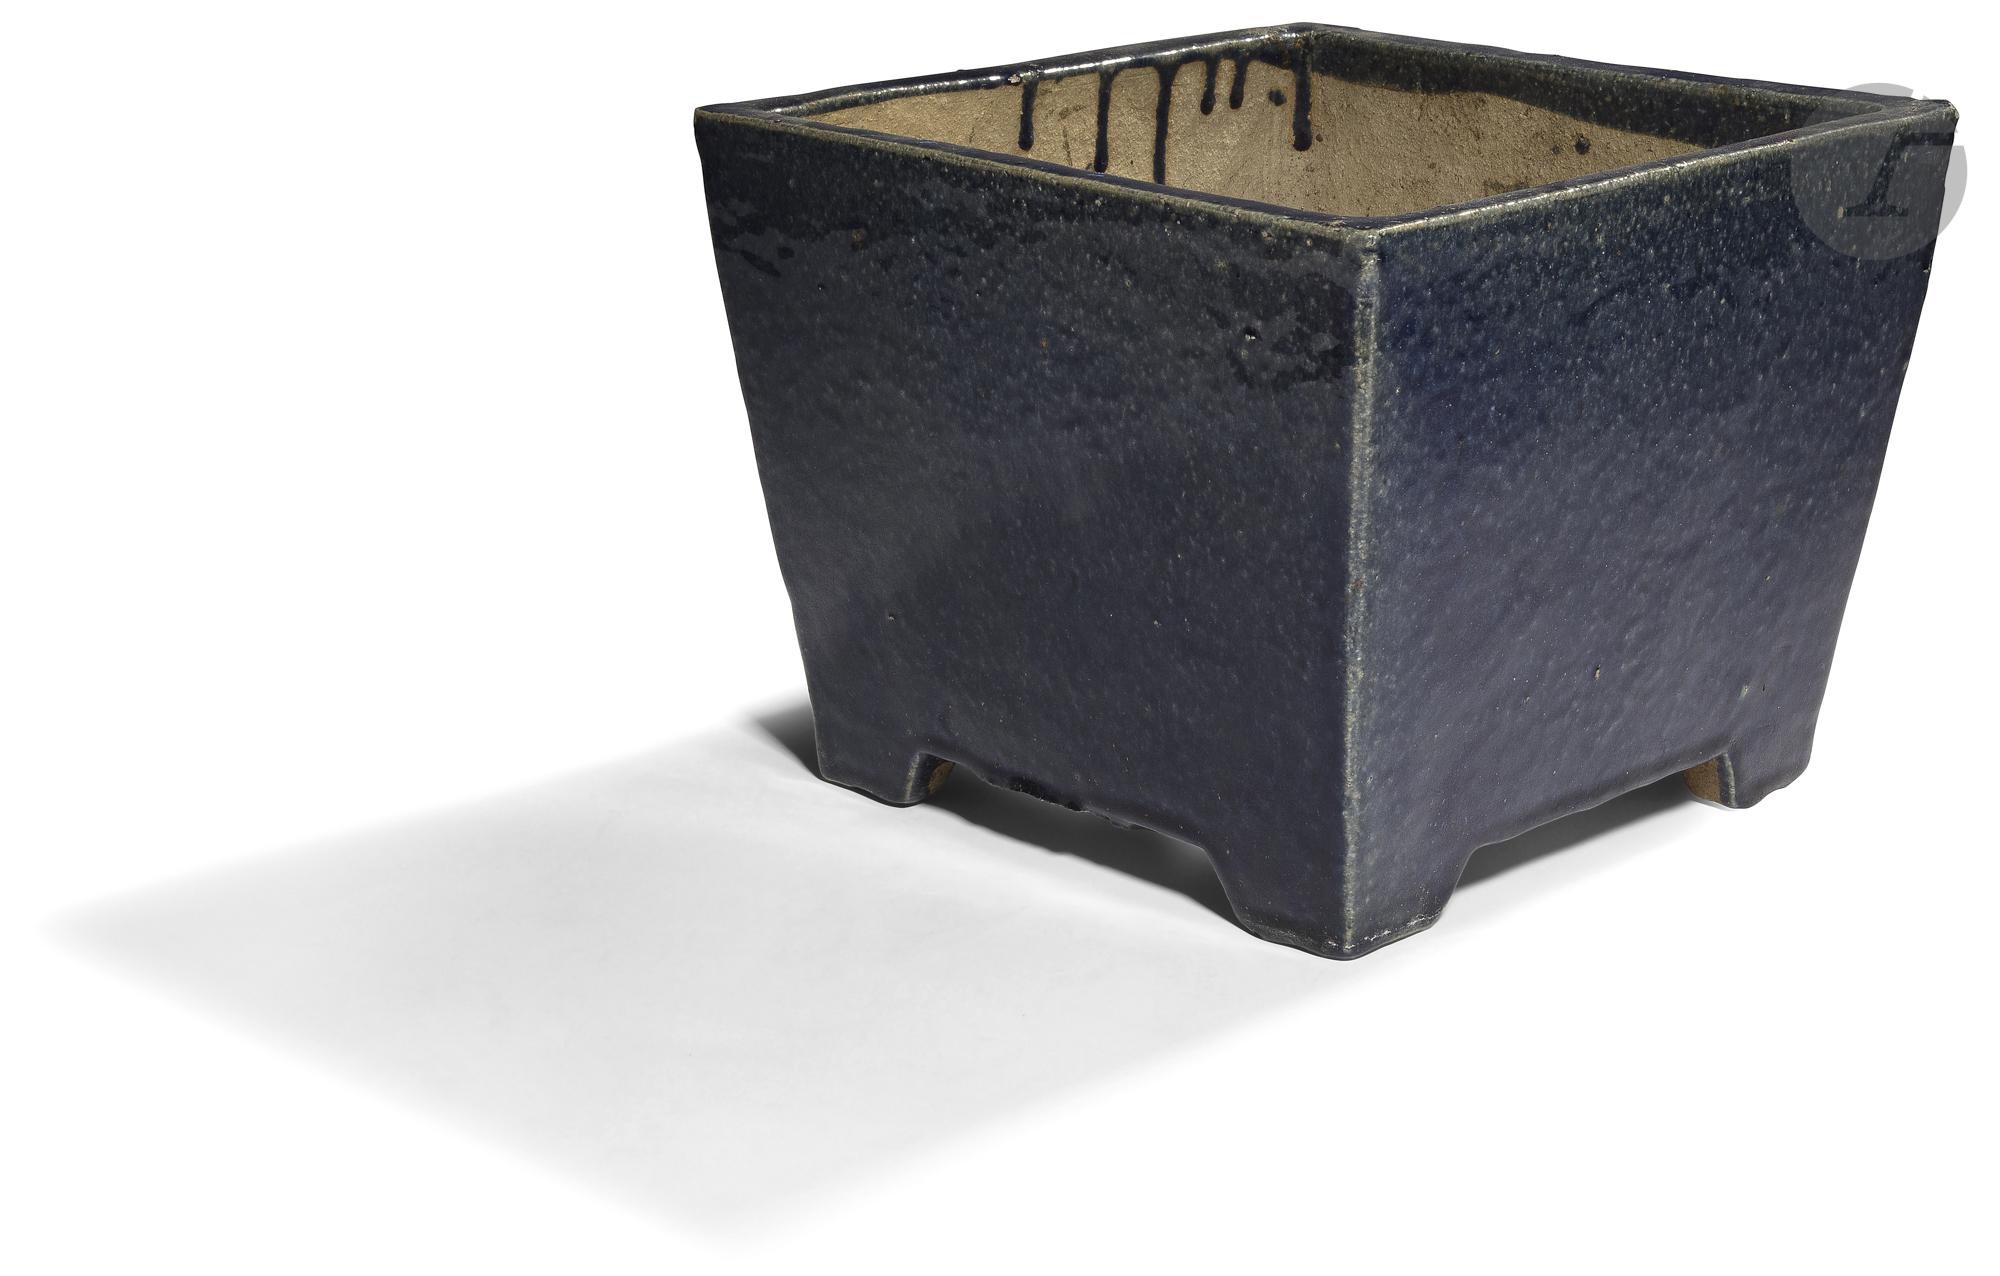 CHINE - XIXe siècle Cache-pot rectangulaire quadripode en porcelaine émaillée bleu. H. 20,1 cm